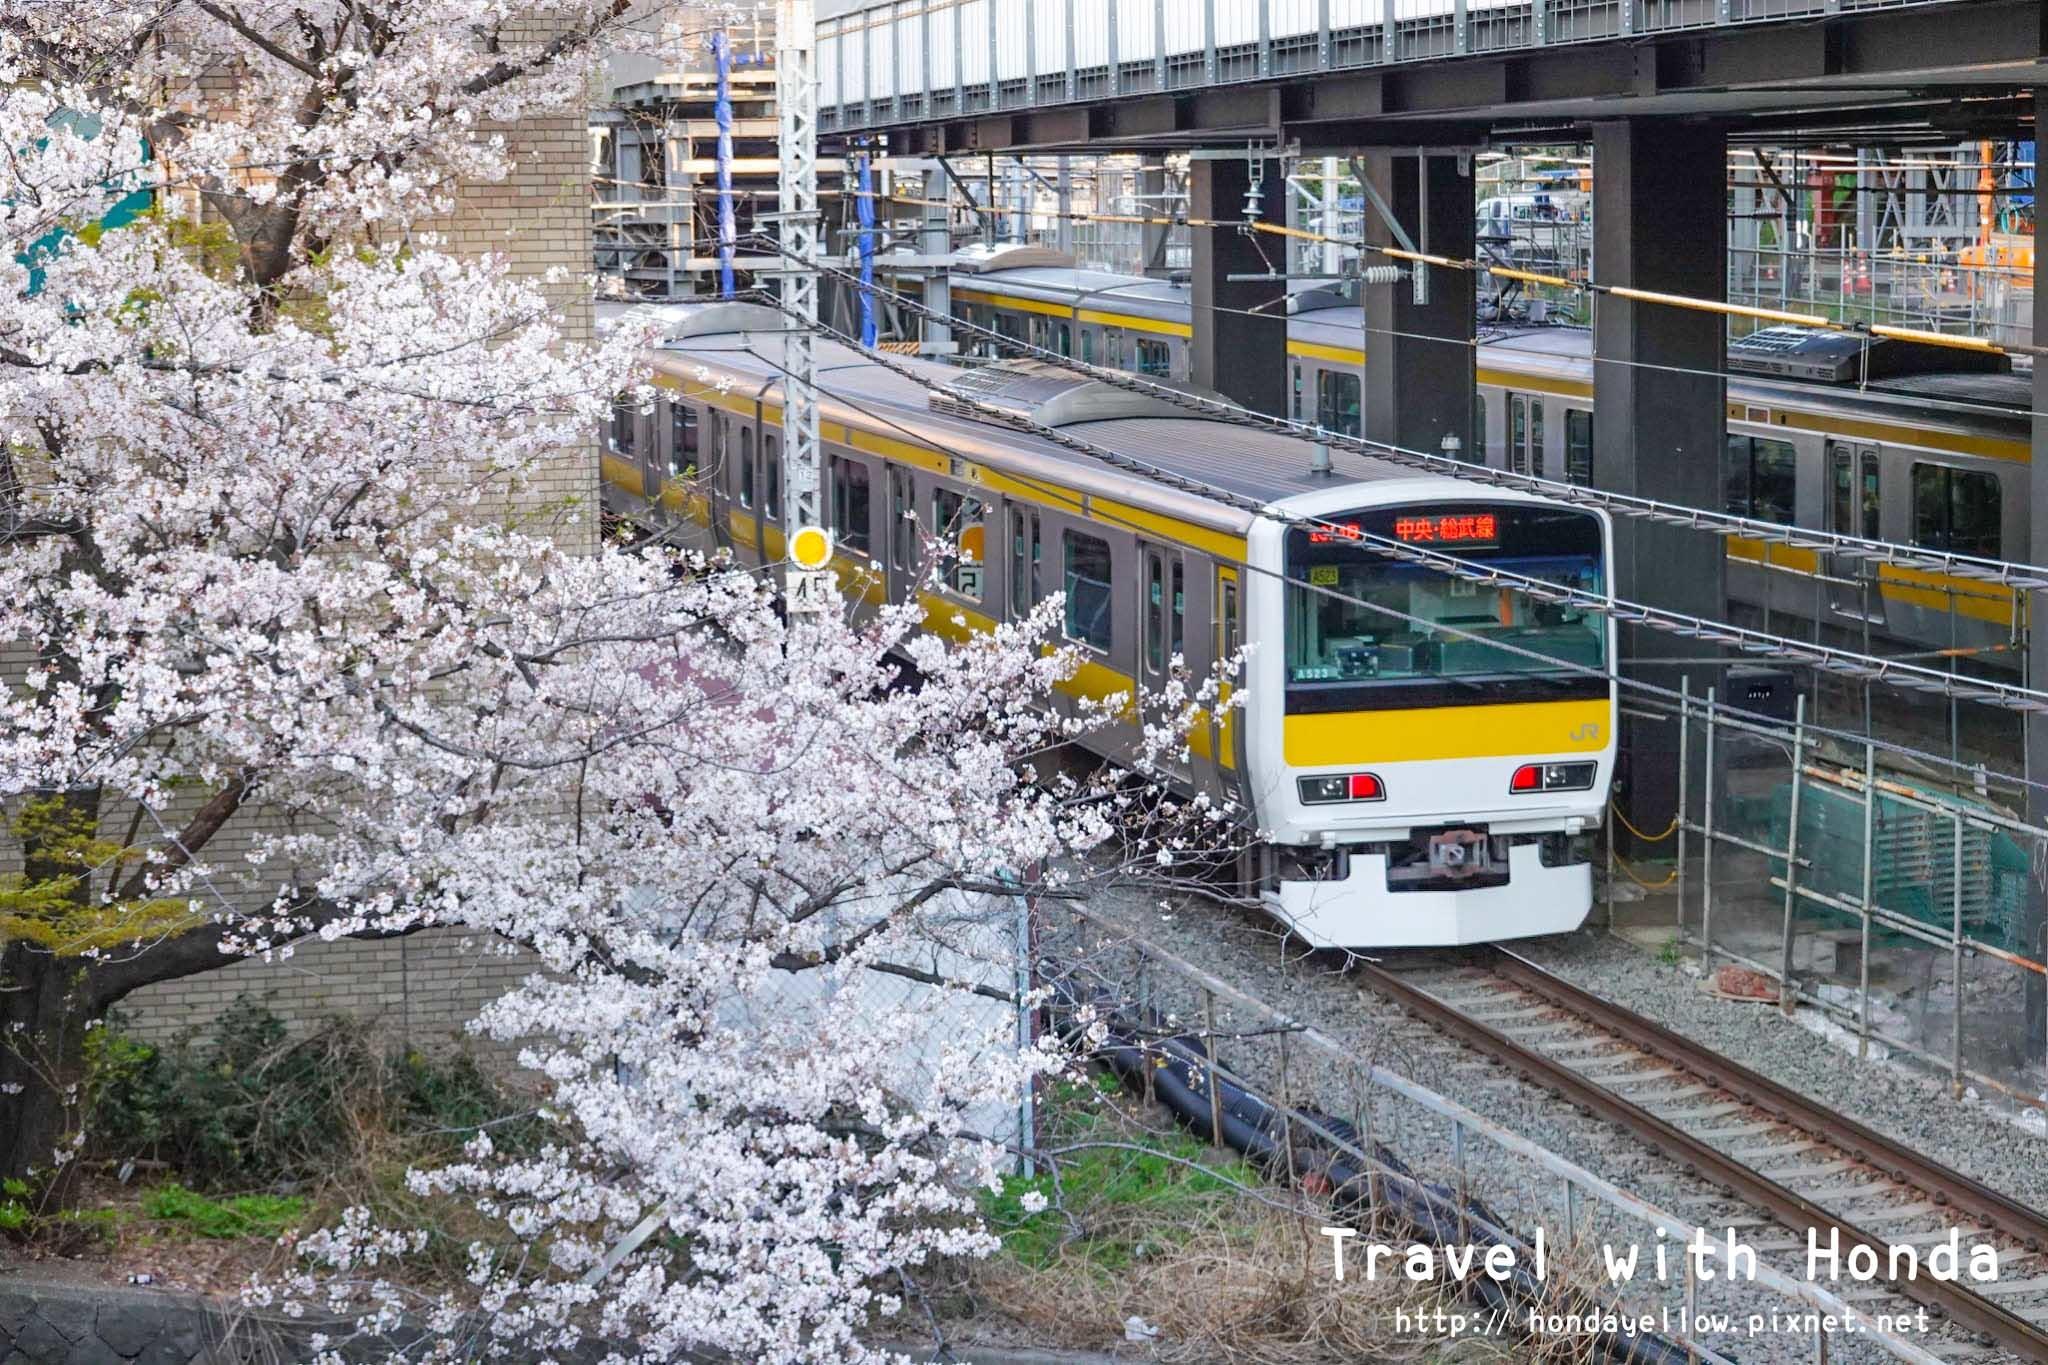 日本-你絕對會愛上的12個東京賞櫻景點-飯田橋.jpg